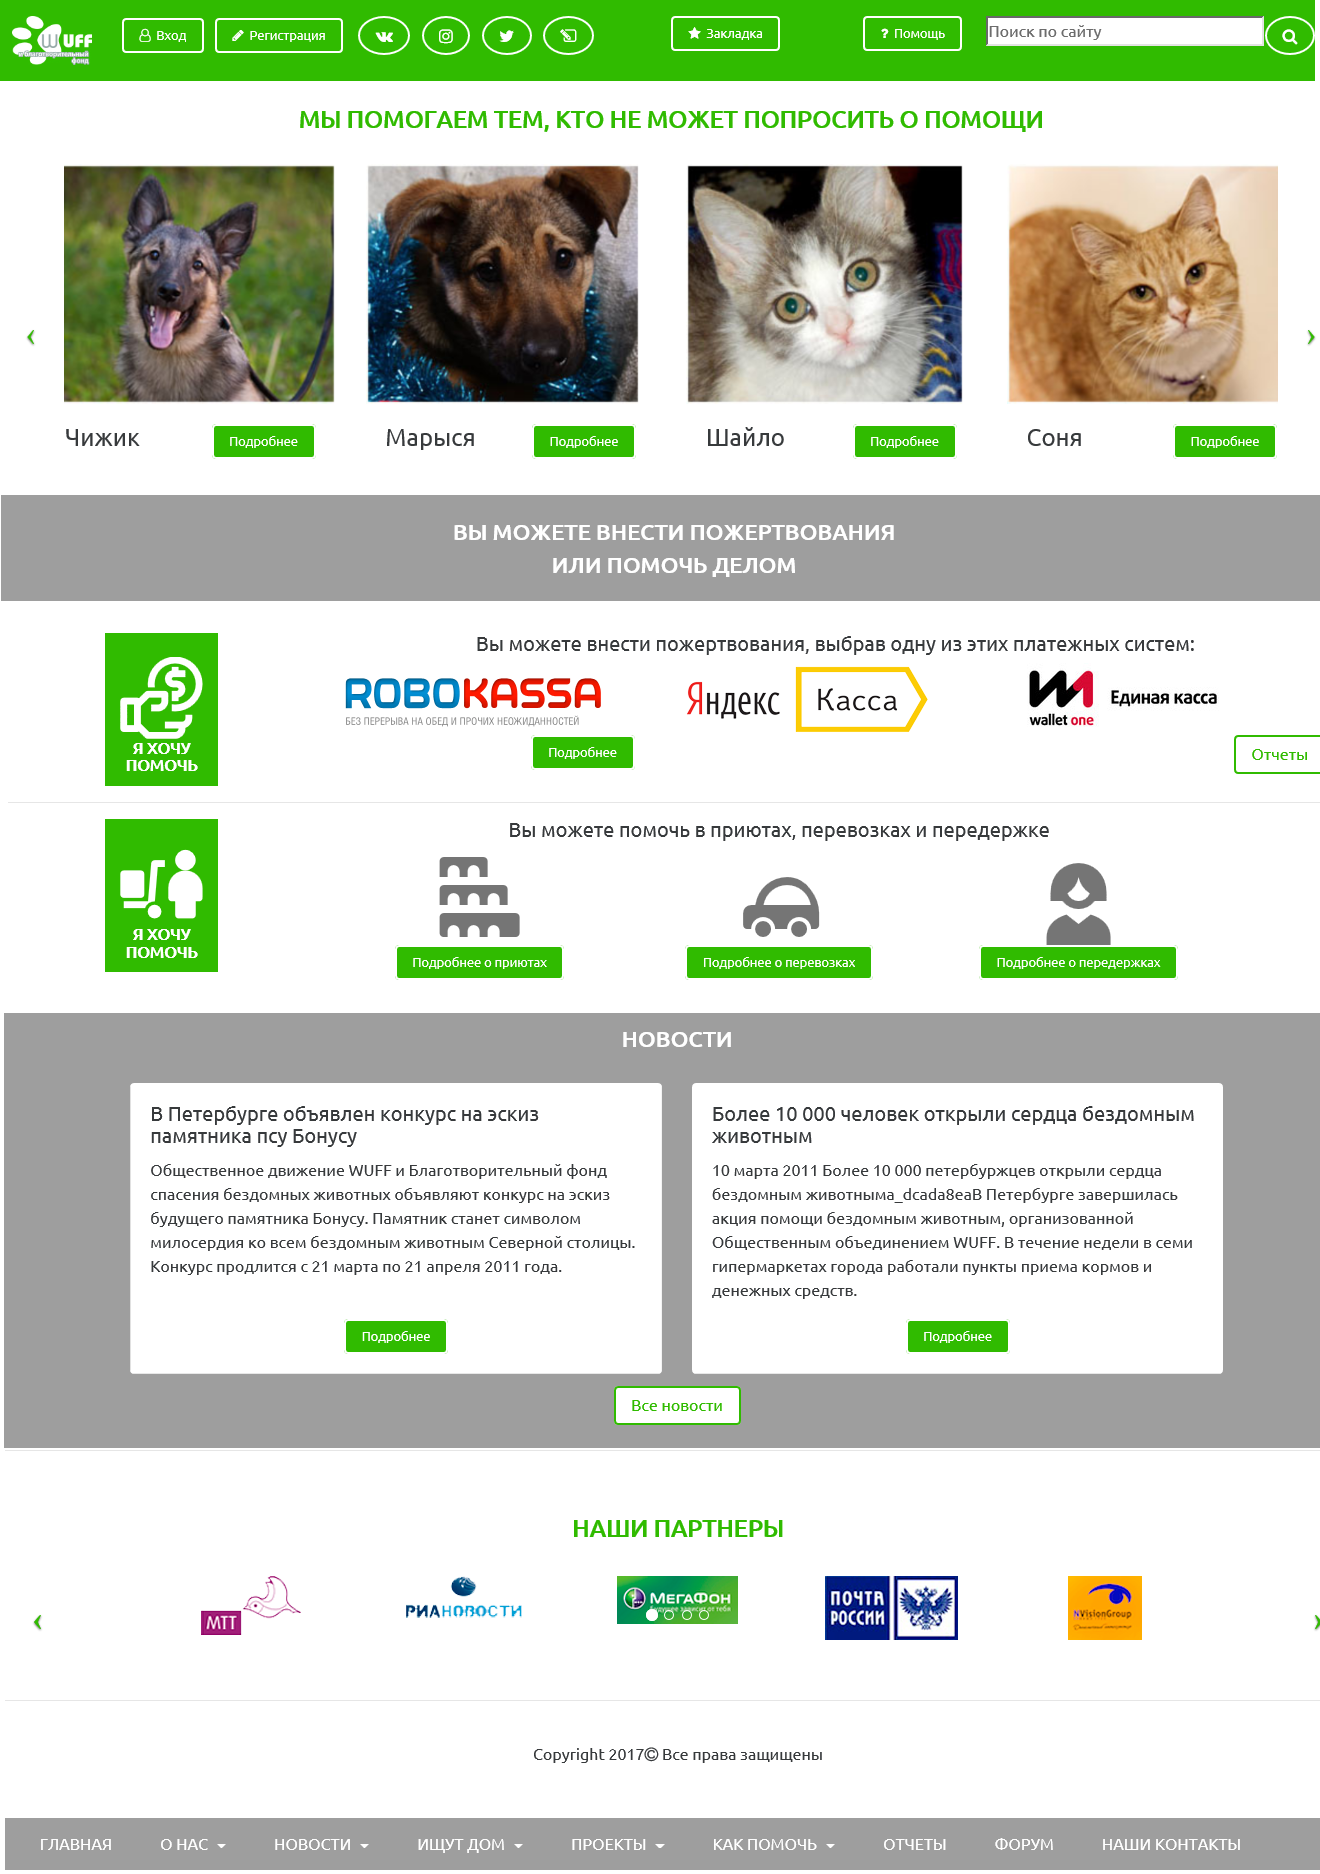 Требуется разработать дизайн сайта помощи бездомным животным фото f_1275880a4e98e818.png